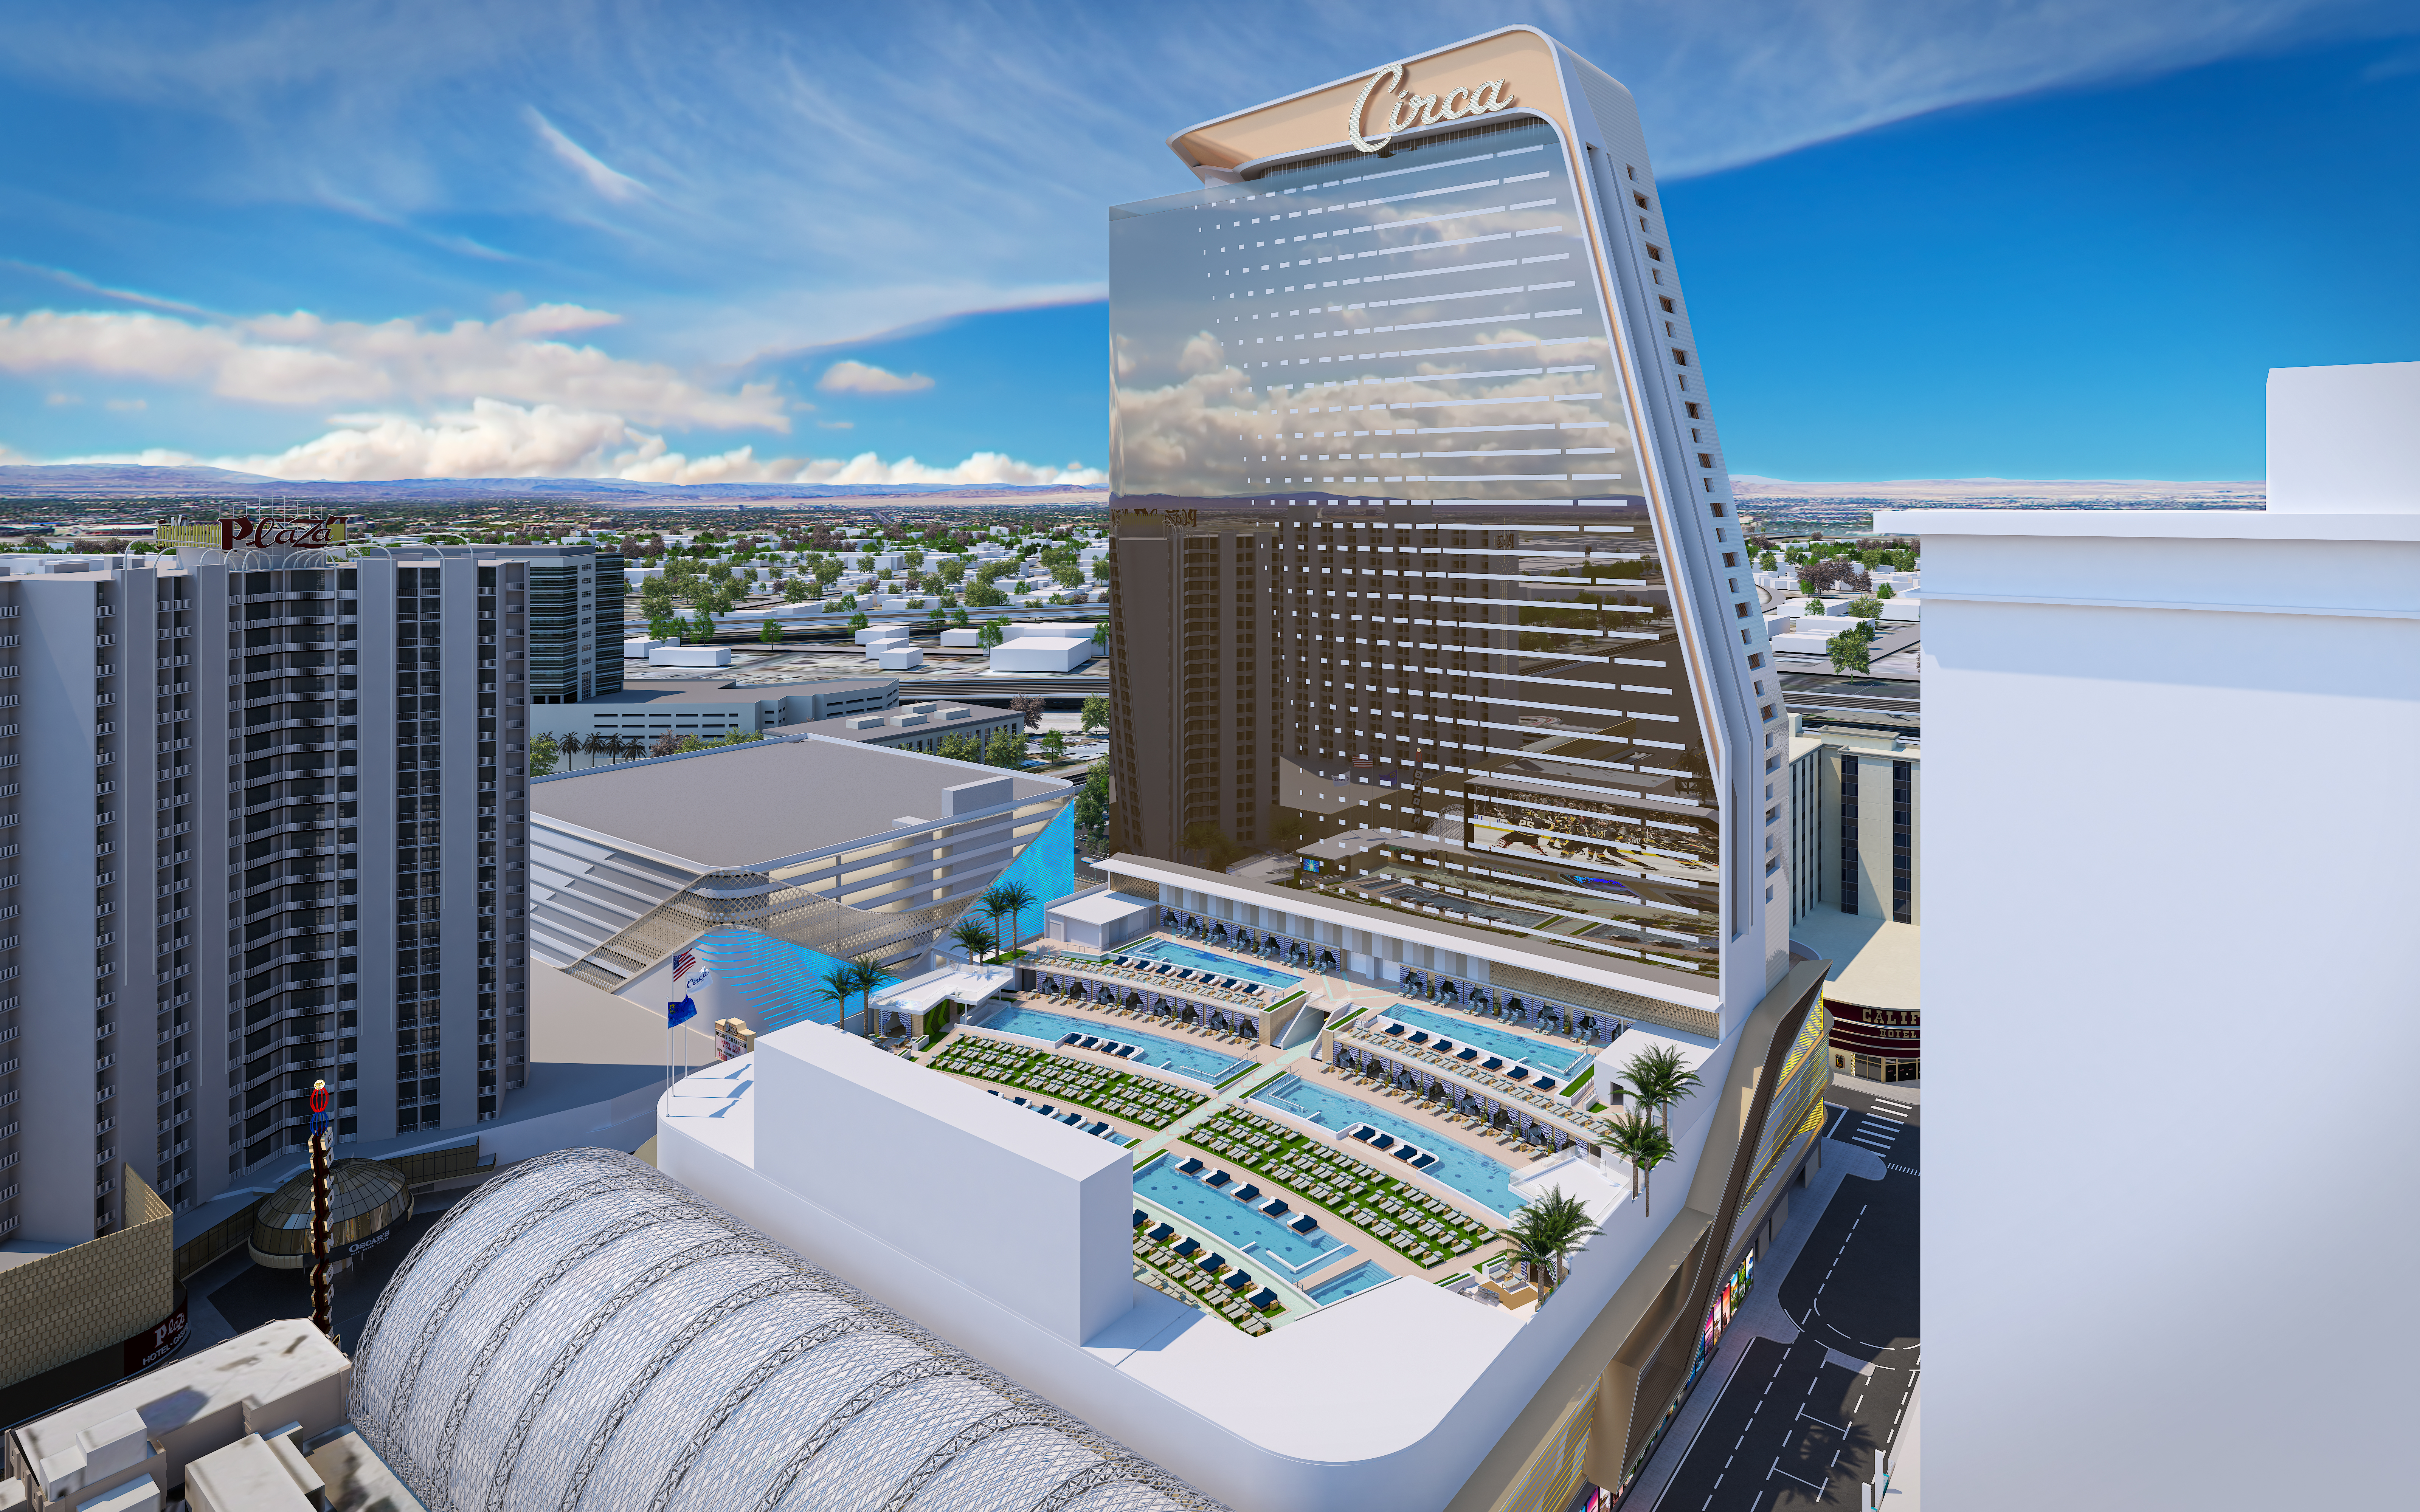 A new resort under construction in Las Vegas